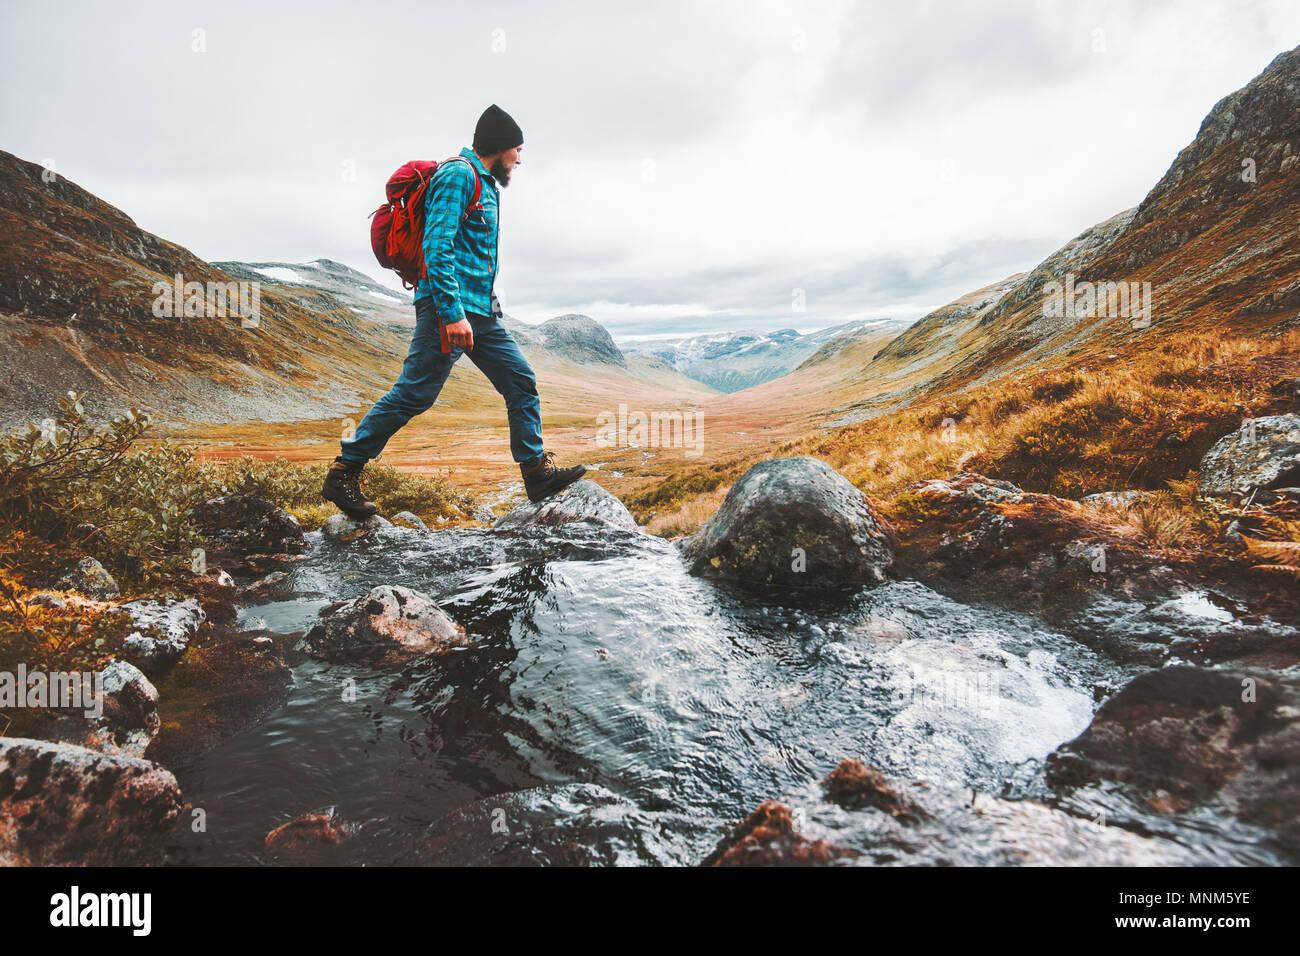 Solo homme voyageant backpacker randonnée dans les montagnes scandinaves de vie saine et active vacances voyage aventure Photo Stock